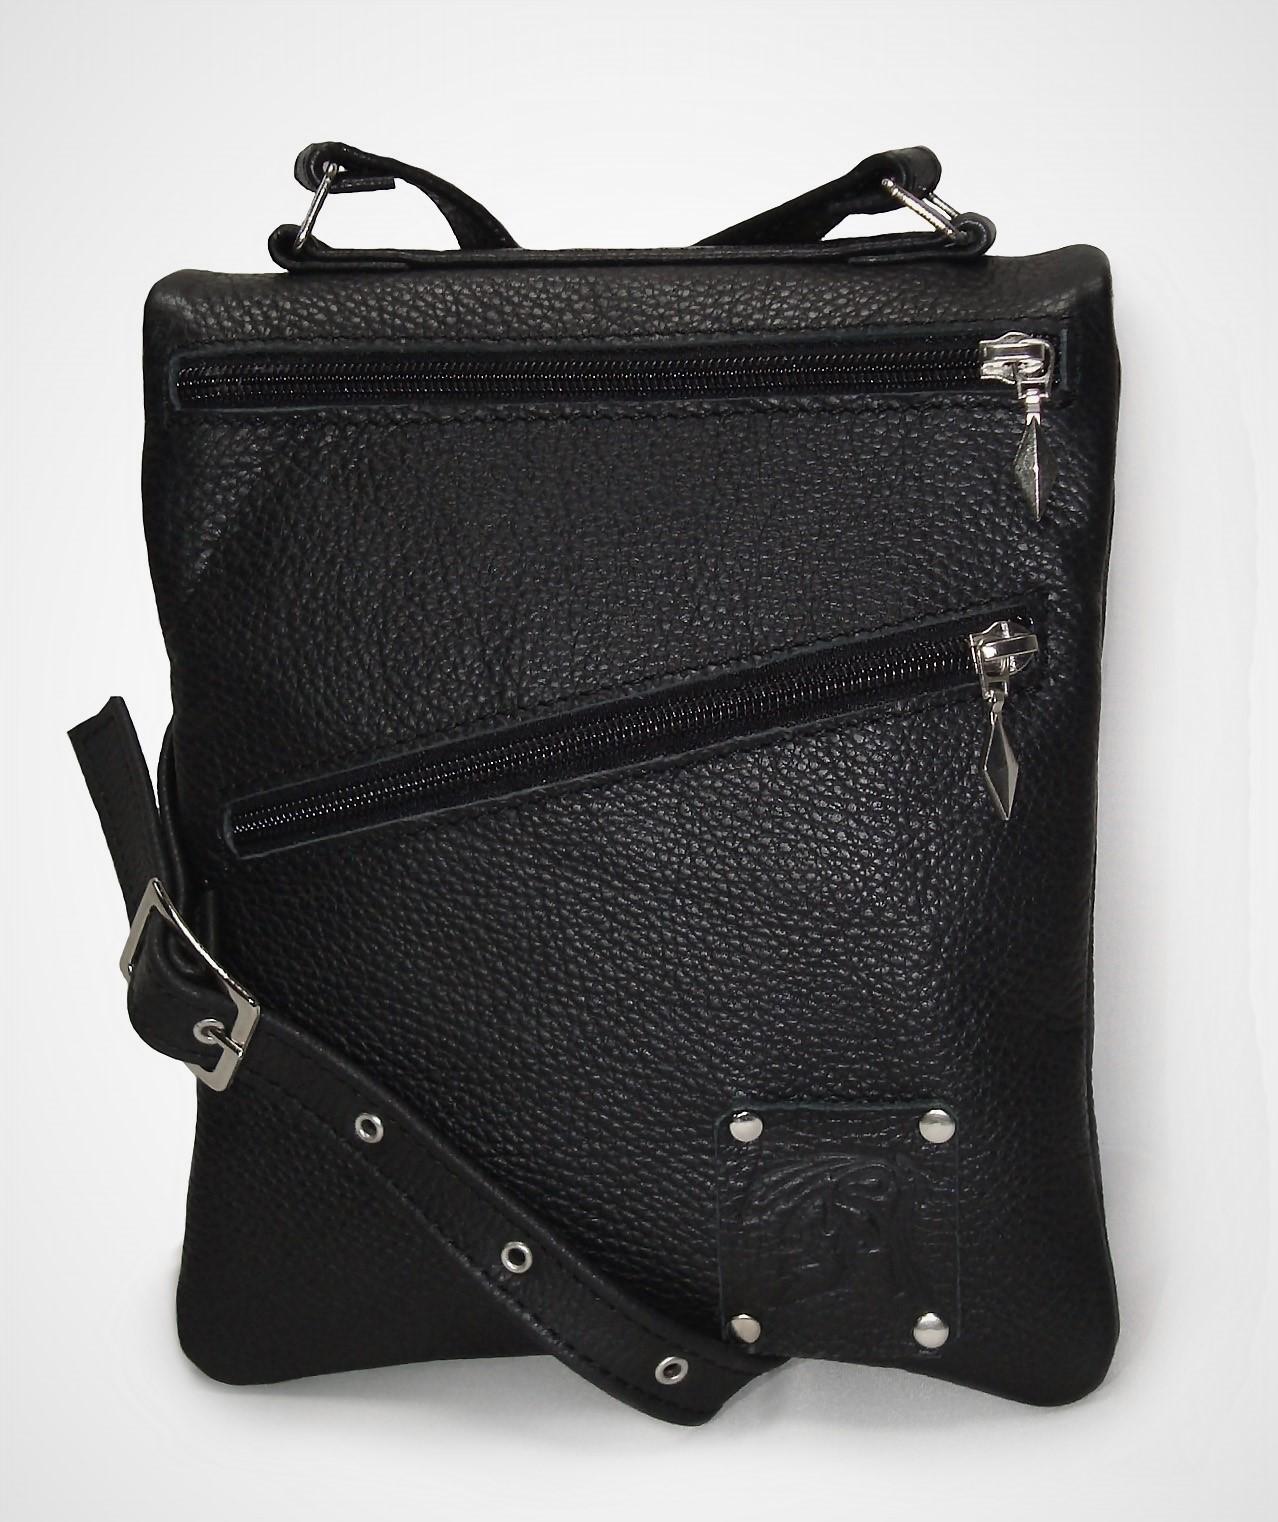 Сумка Модель №8Сумки и др. изделия из кожи<br>Высота сумки:24 см<br>Ширина сумки:20 см<br>Длинна ремня:120 см<br><br>Тип: Сумка<br>Размер: -<br>Материал: Натуральная кожа